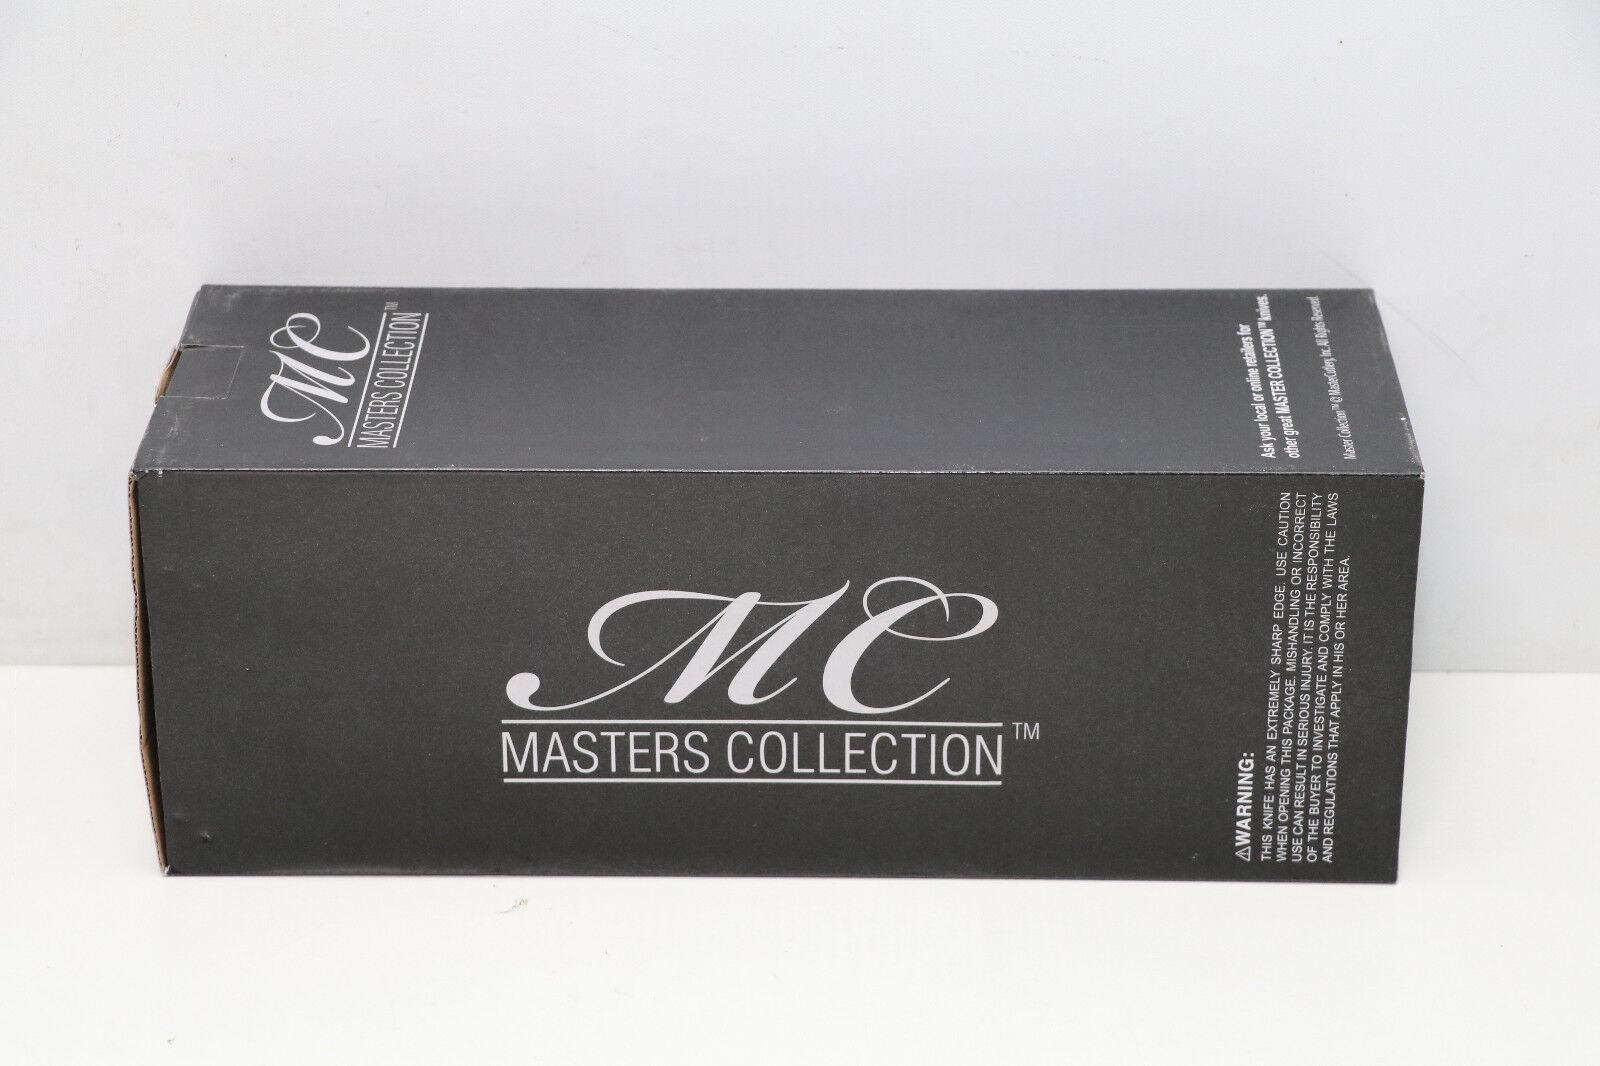 Masters Mc Collection Outdoormesser, Dekomesser Dekomesser Dekomesser MC-037 633c59